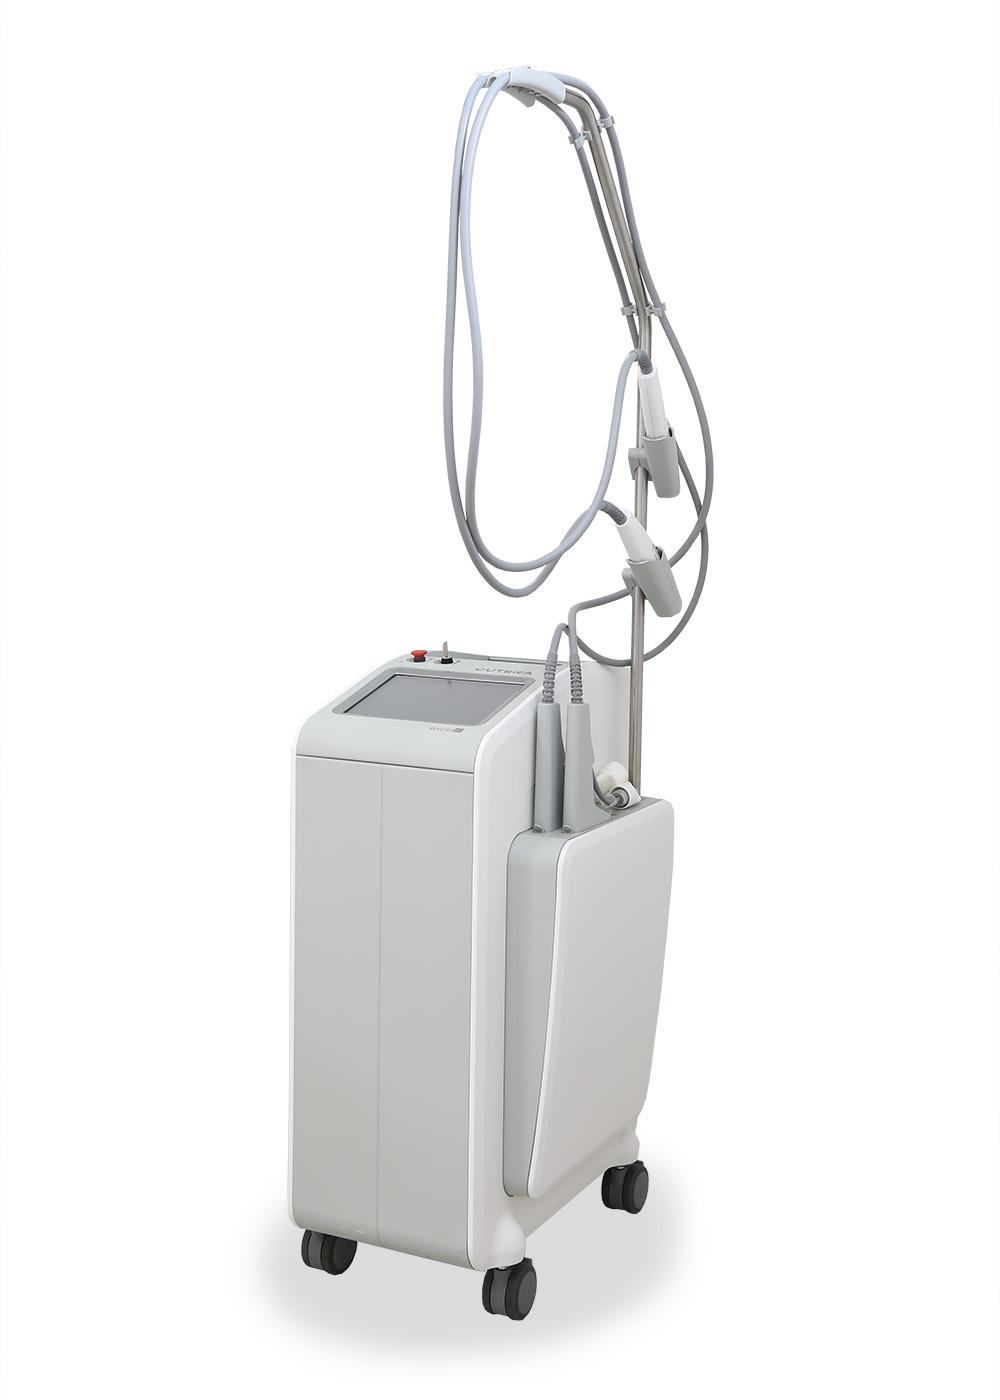 ロングパルスKTP+ロングパルスYAGレーザー(キュテラ社 エクセルV)